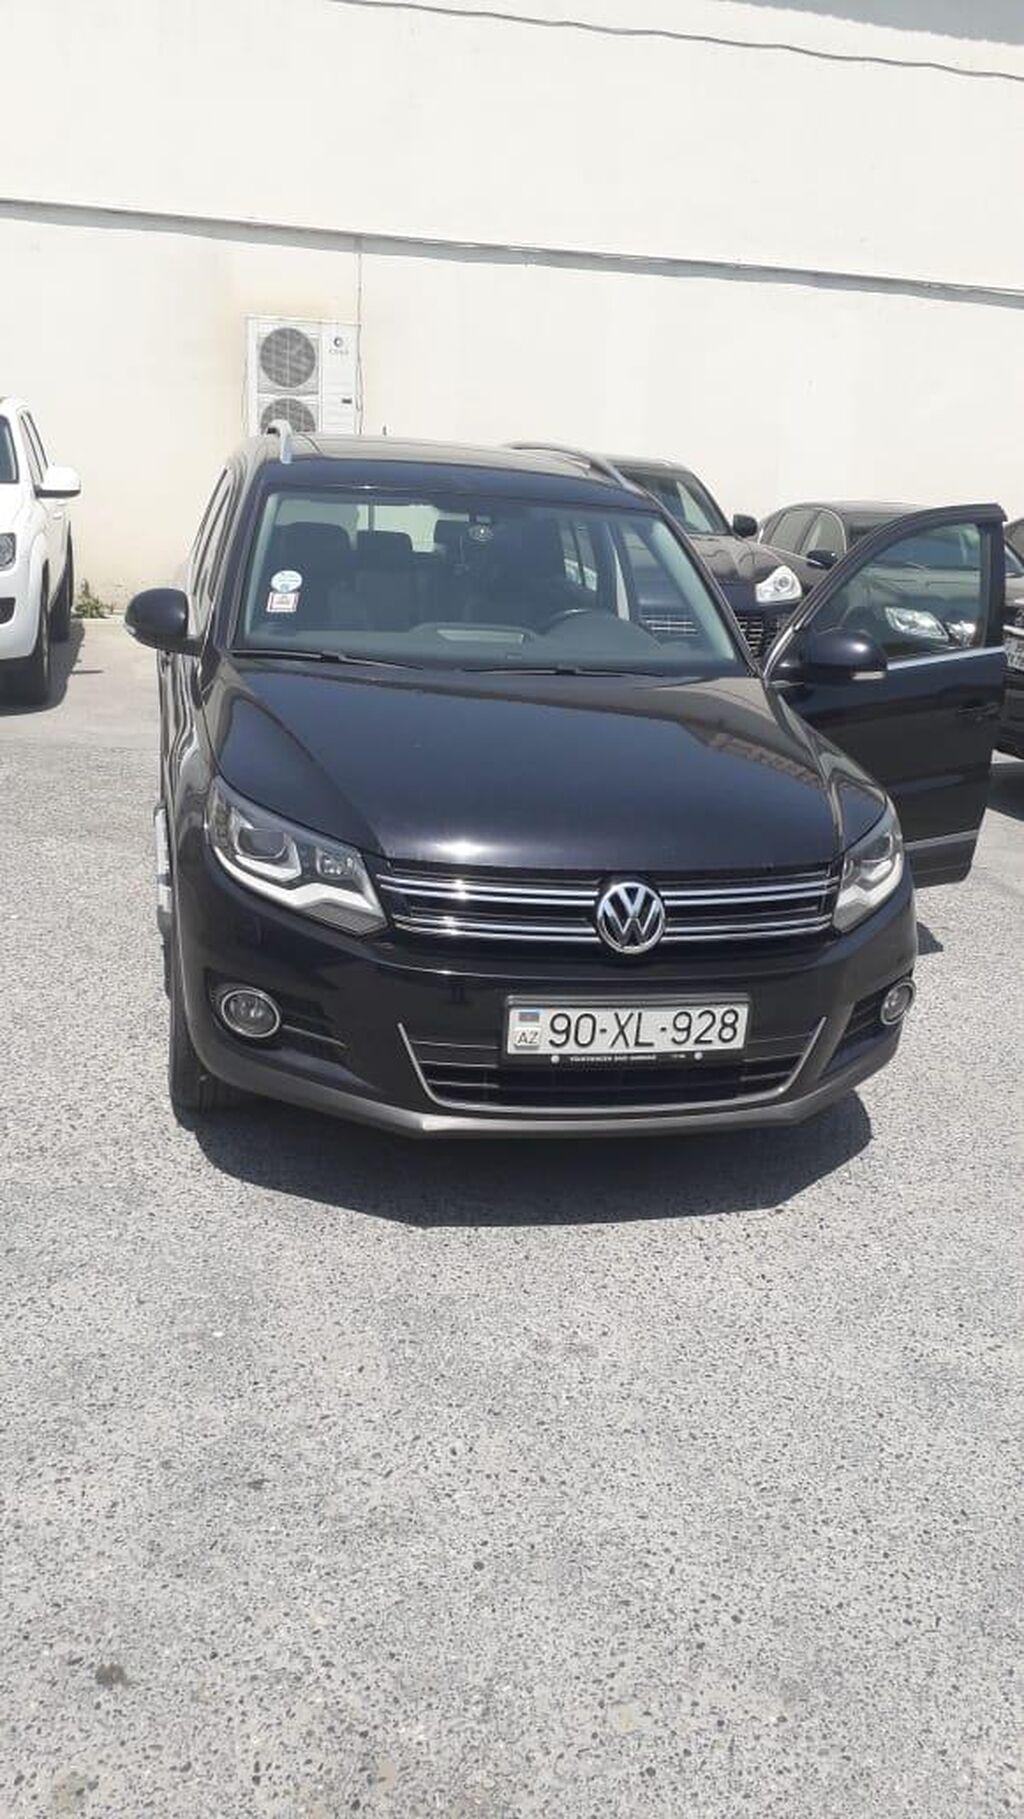 Volkswagen Tiguan 2 l. 2013 | 18000 km